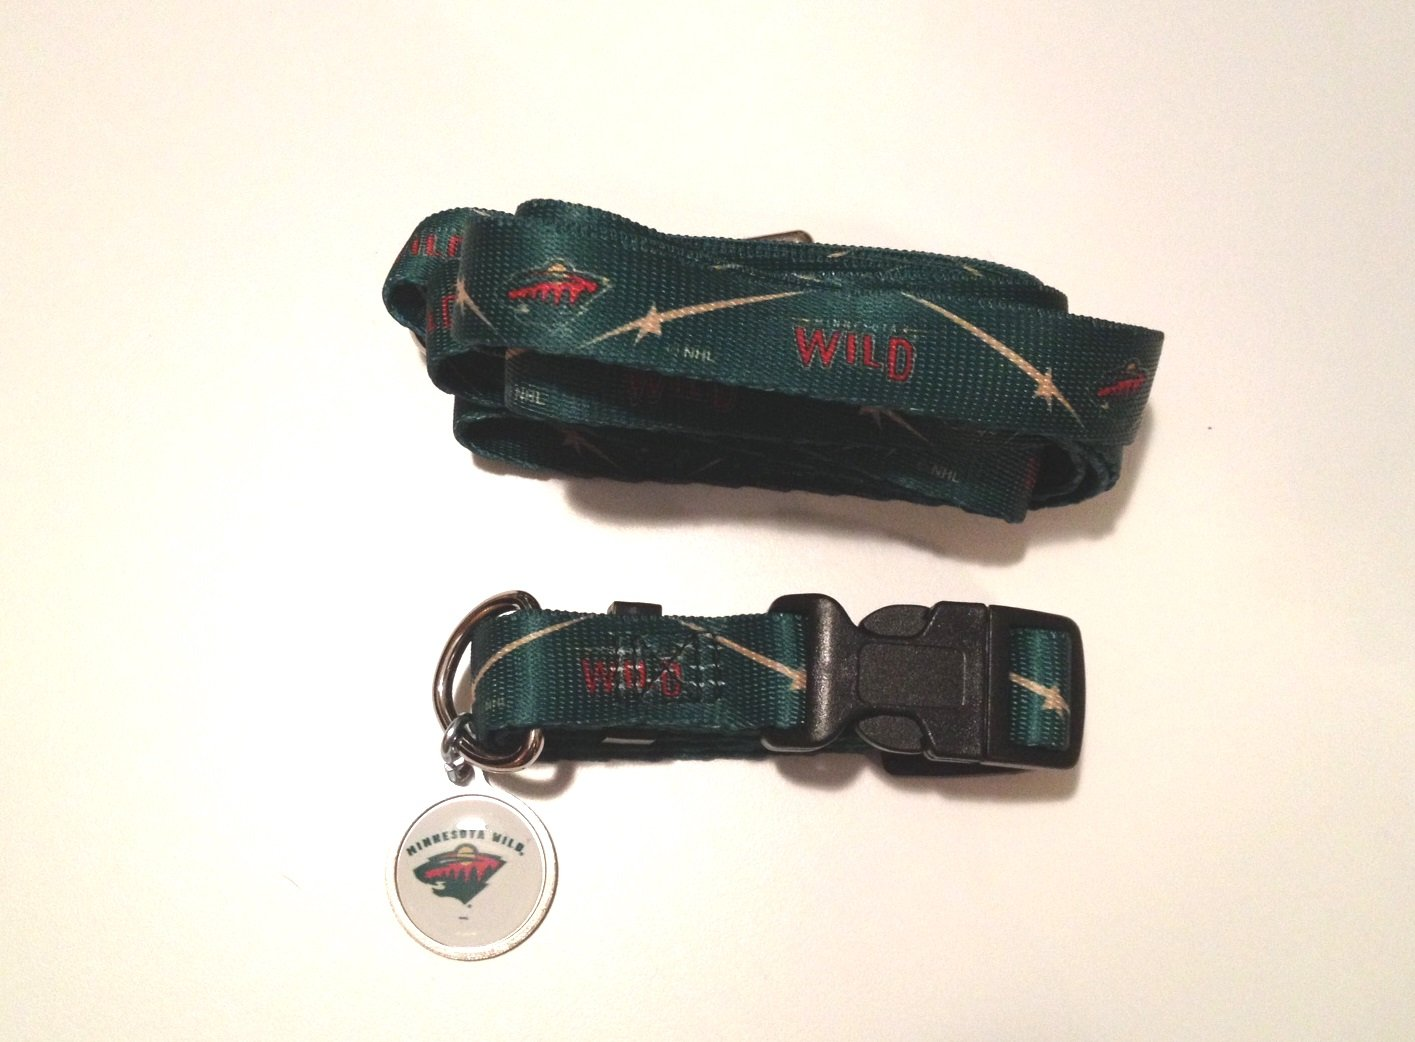 Minnesota Wild Pet Dog Leash Set Collar ID Tag Medium